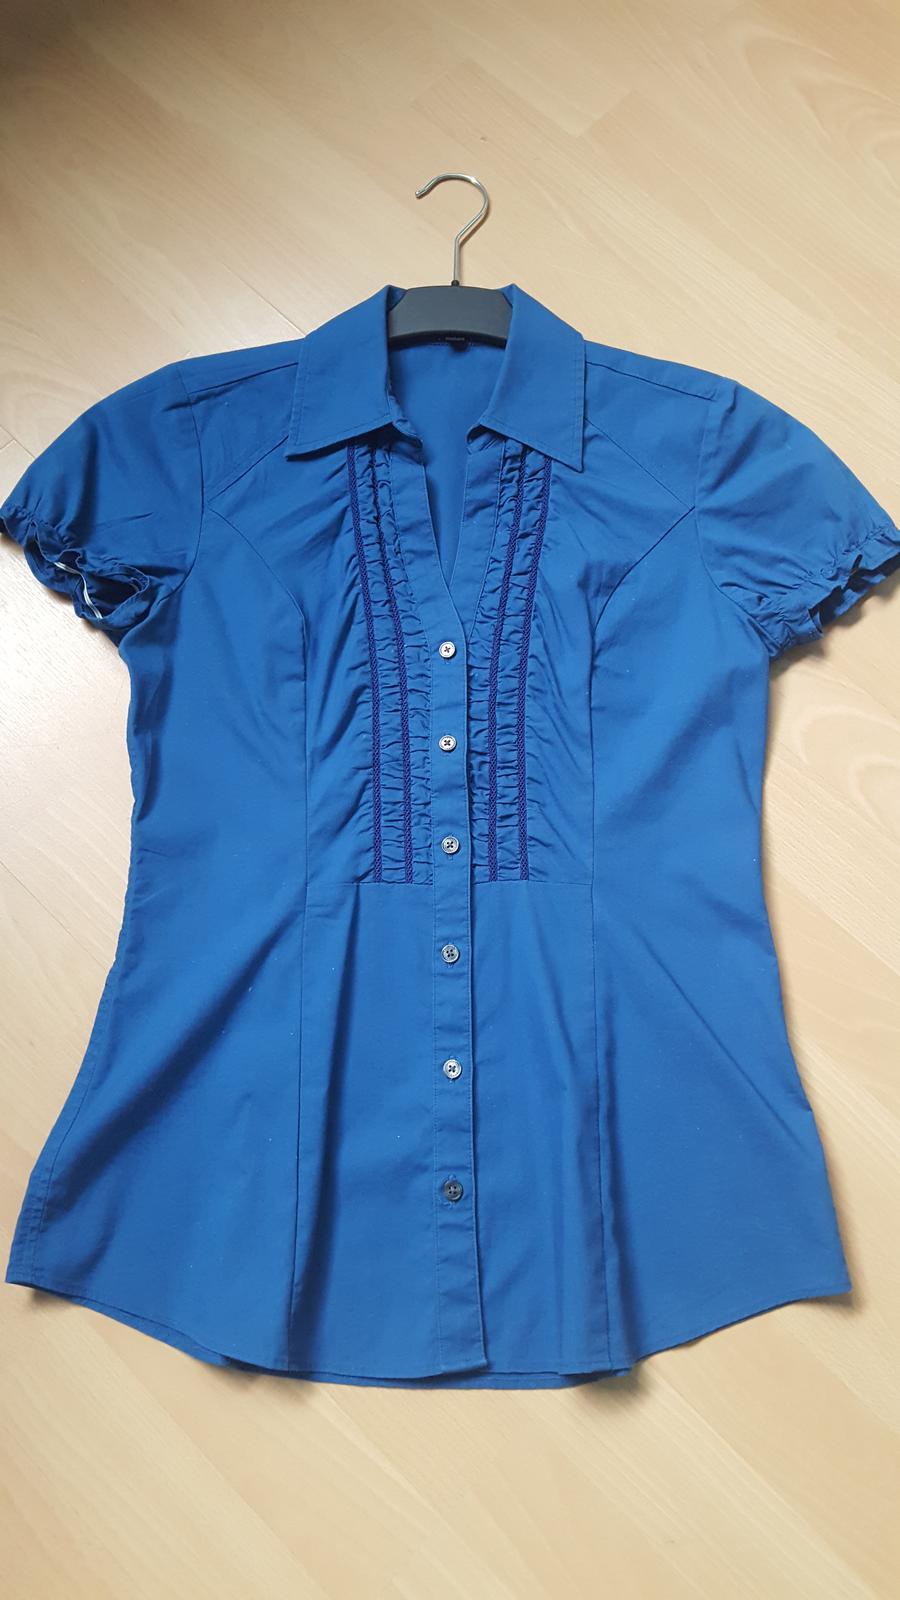 Elegantní modrá košile zn.Express - Obrázek č. 1